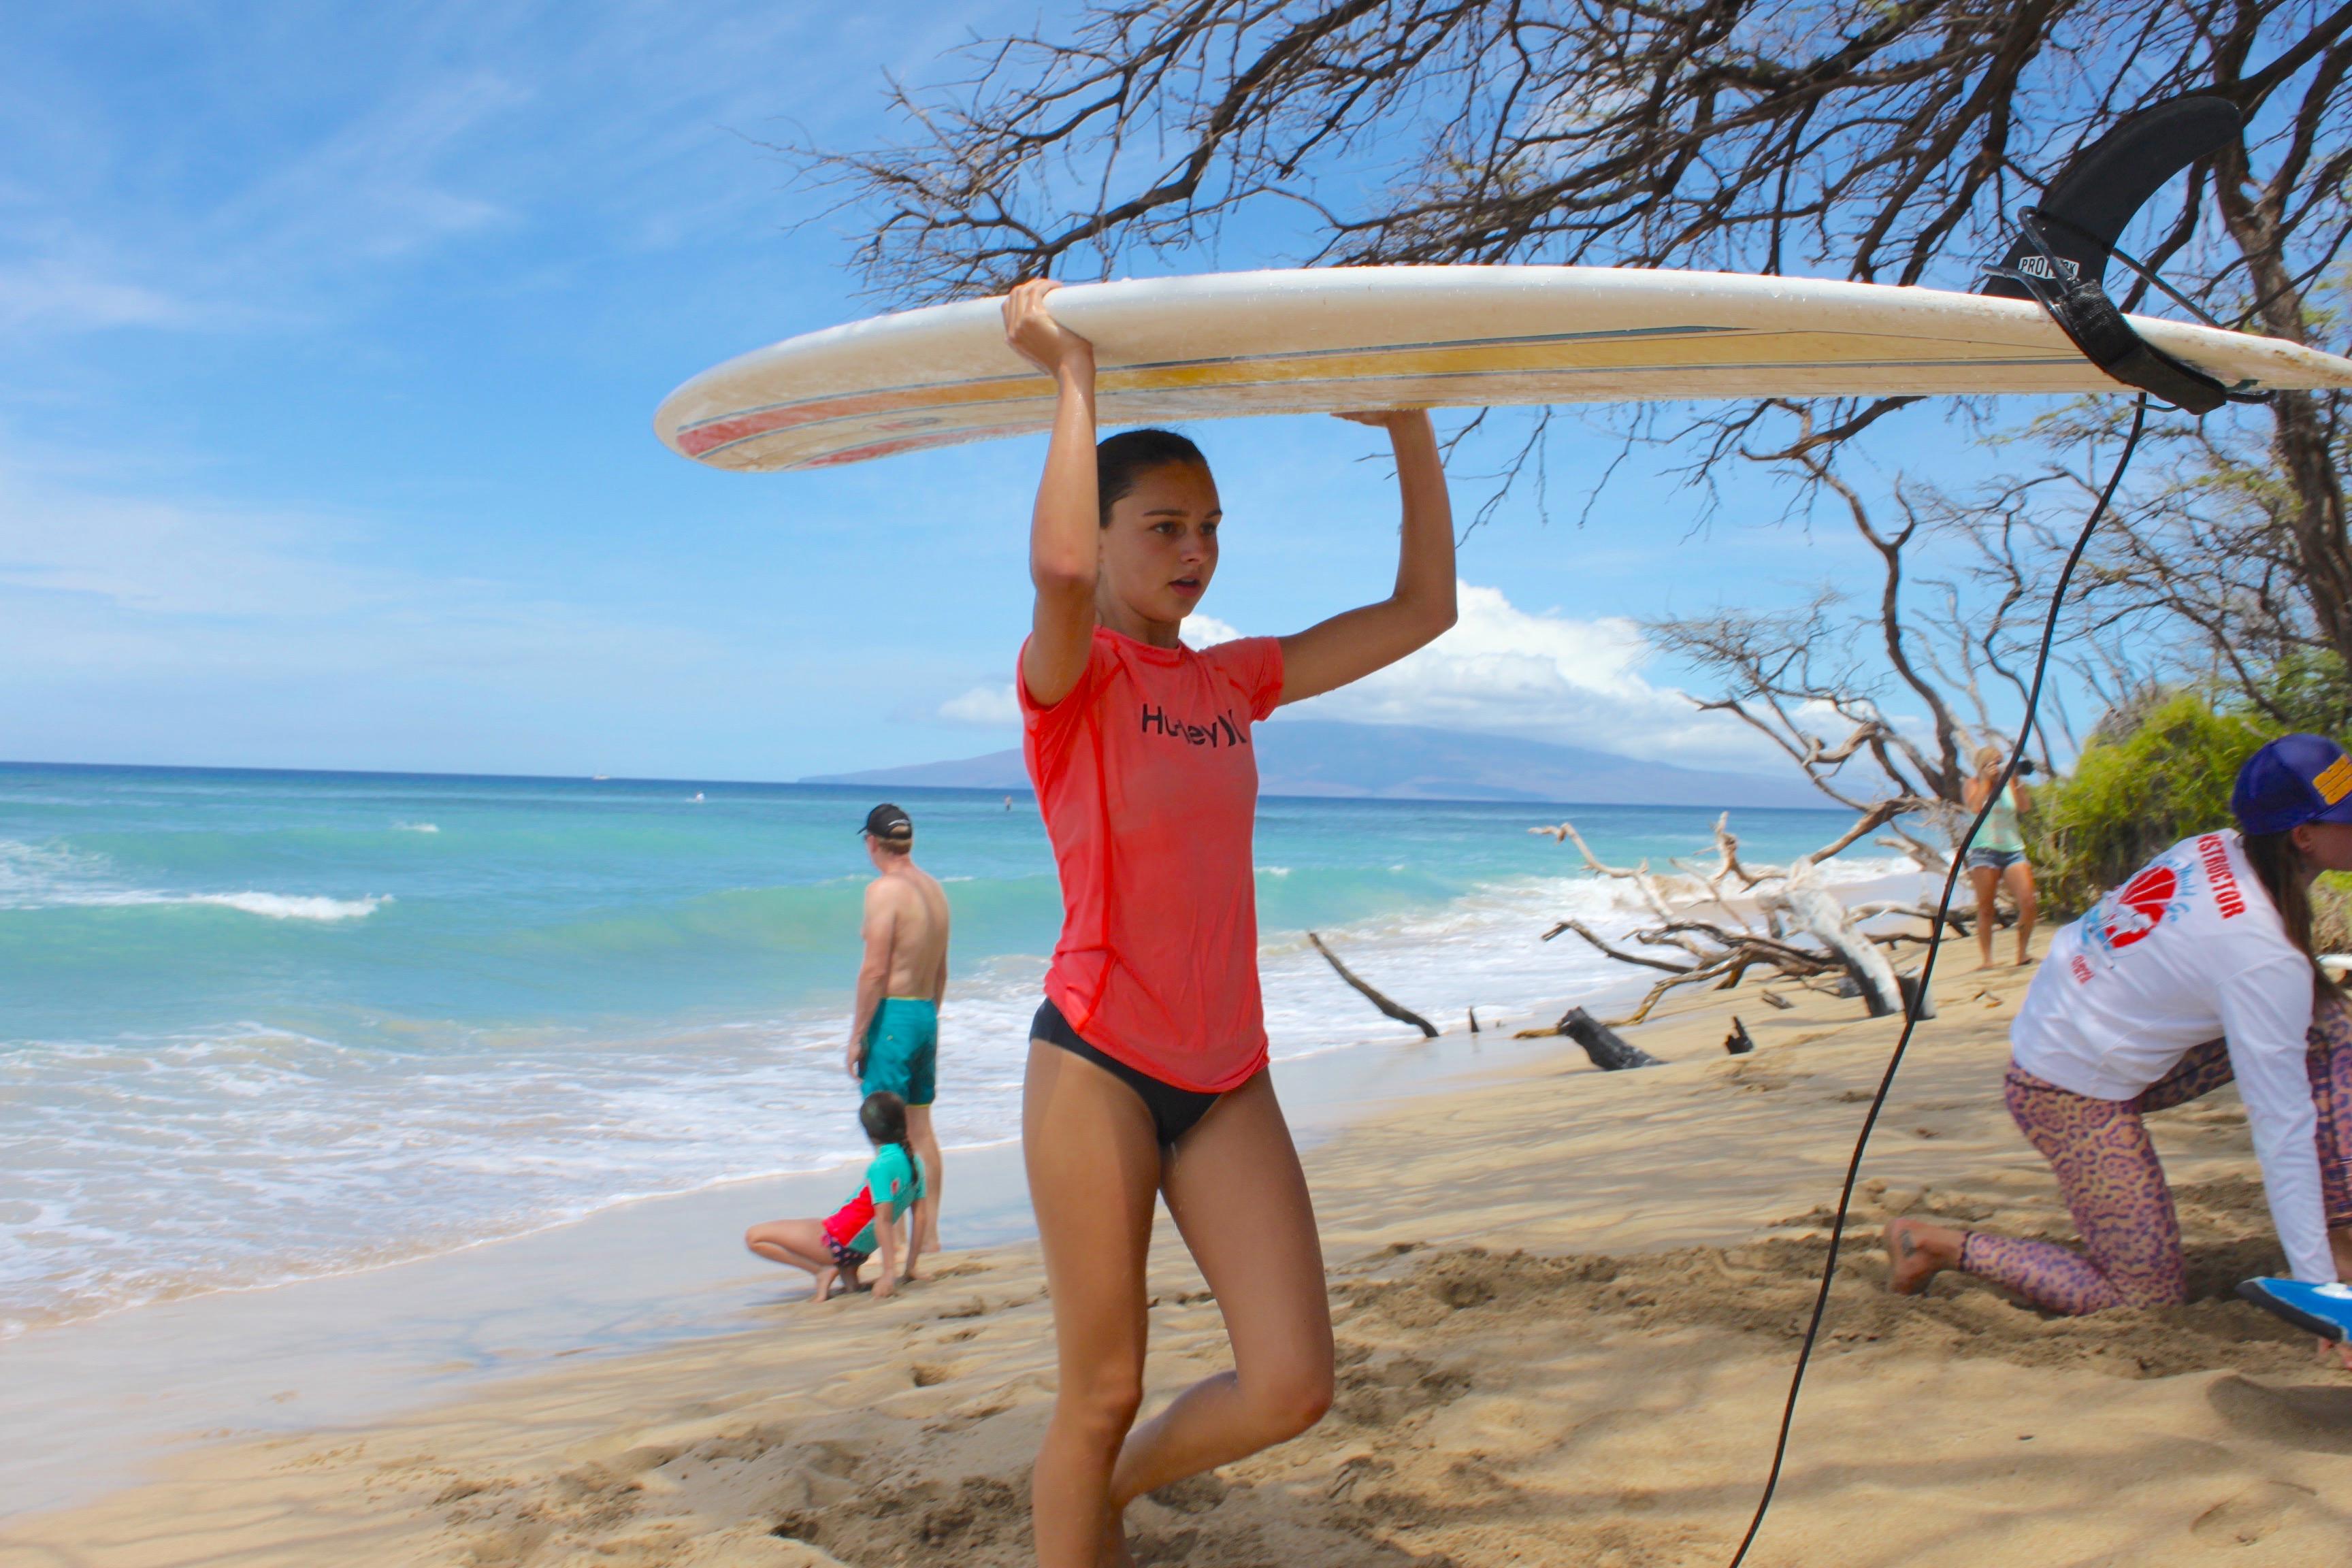 Surf board titts teen